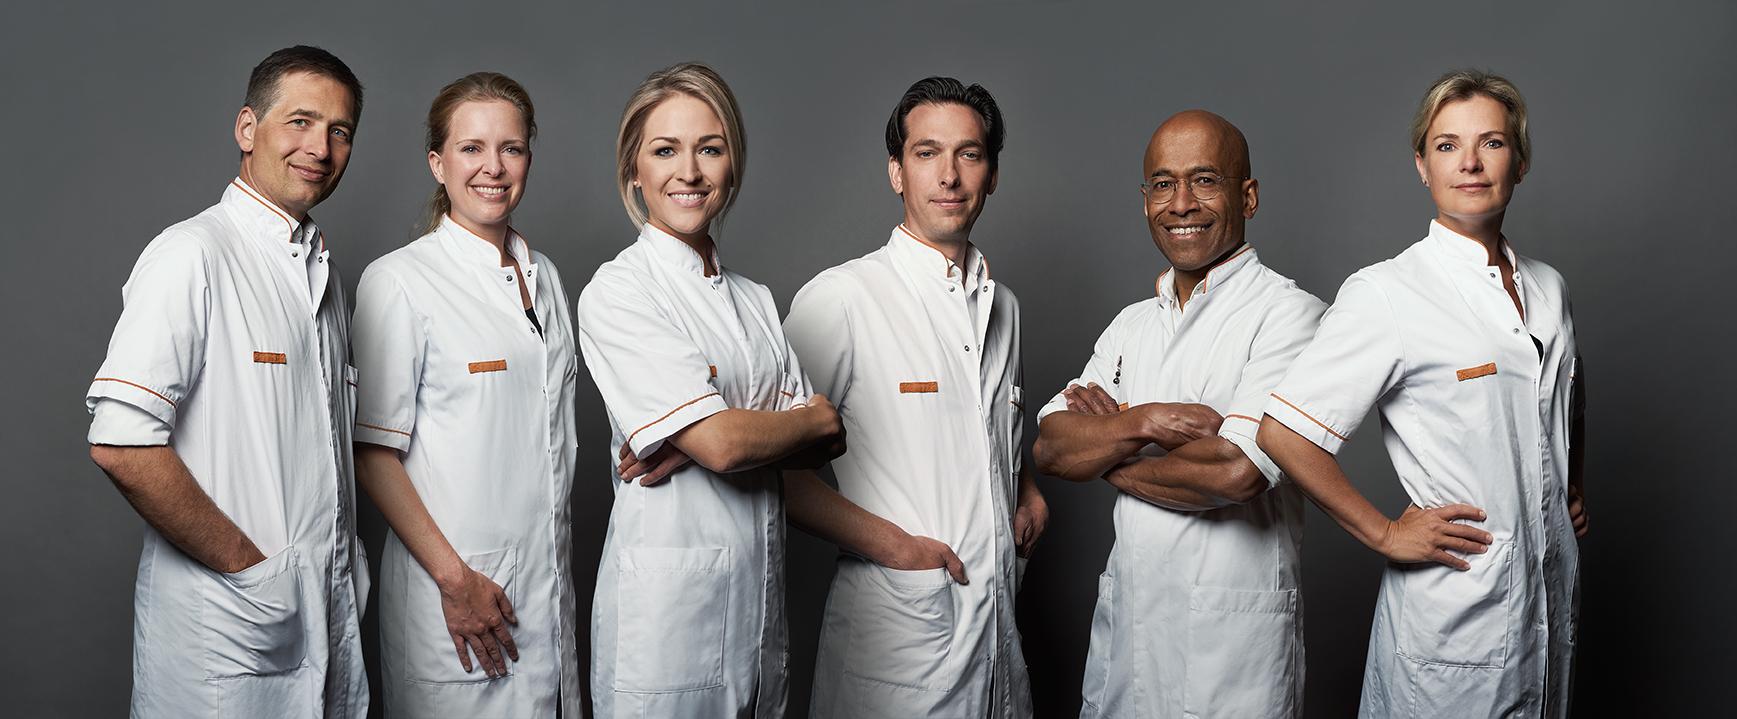 Onze plastisch chirurgen